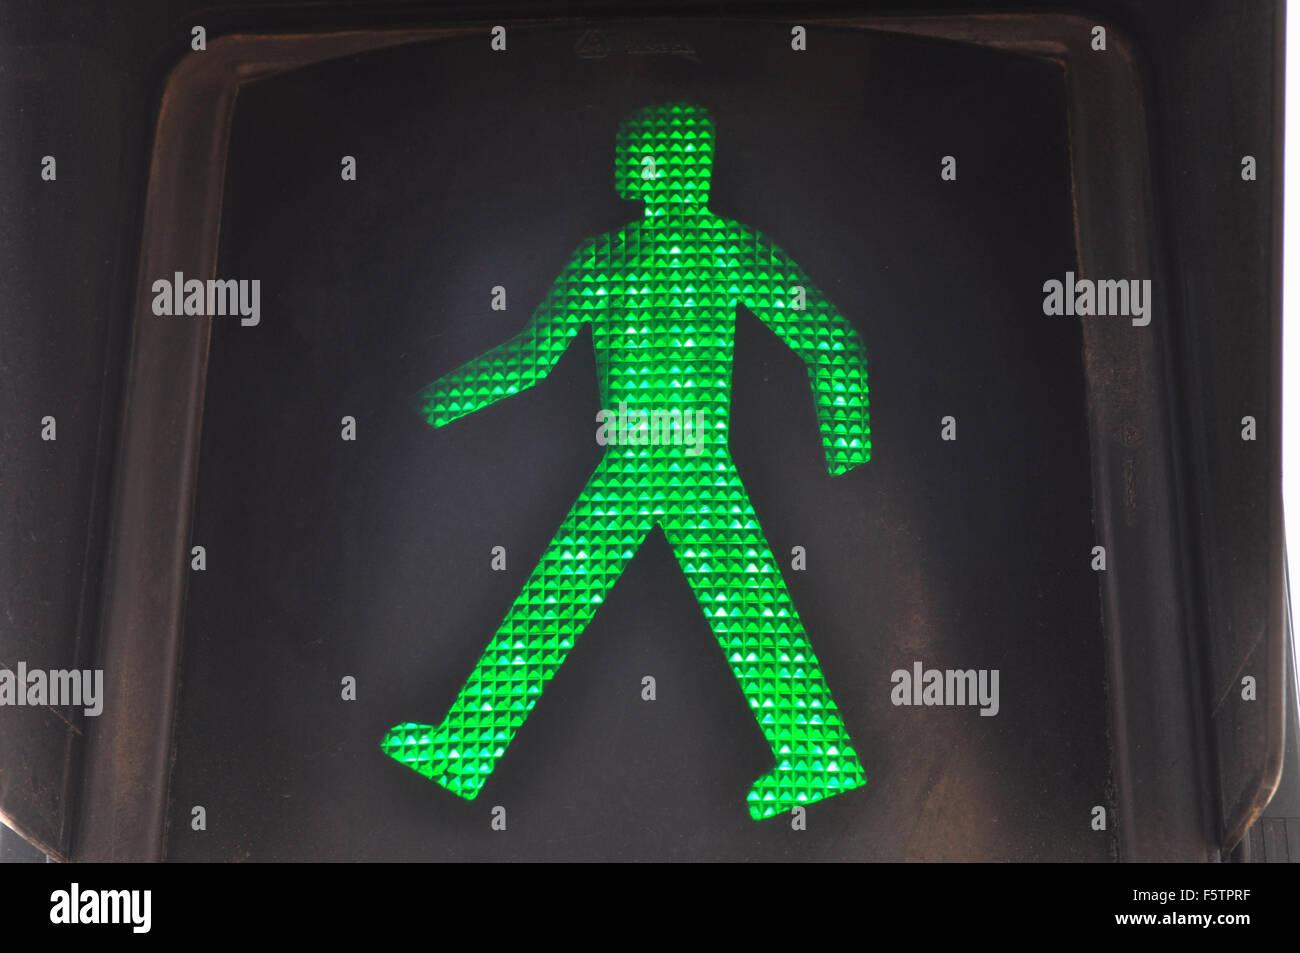 L'homme en feu vert, indiquant qu'il est sûr de marcher et traverser la route, Espagne Photo Stock